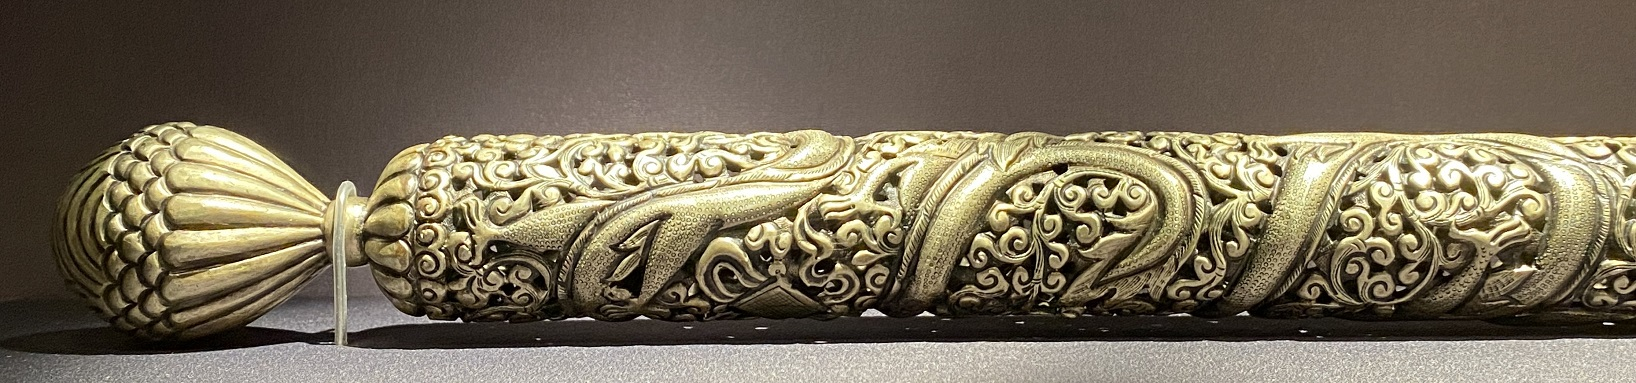 銅鎏金文具-特別展【七宝玲瓏-ヒマラヤからの芸術珍品】-金沙遺跡博物館-成都